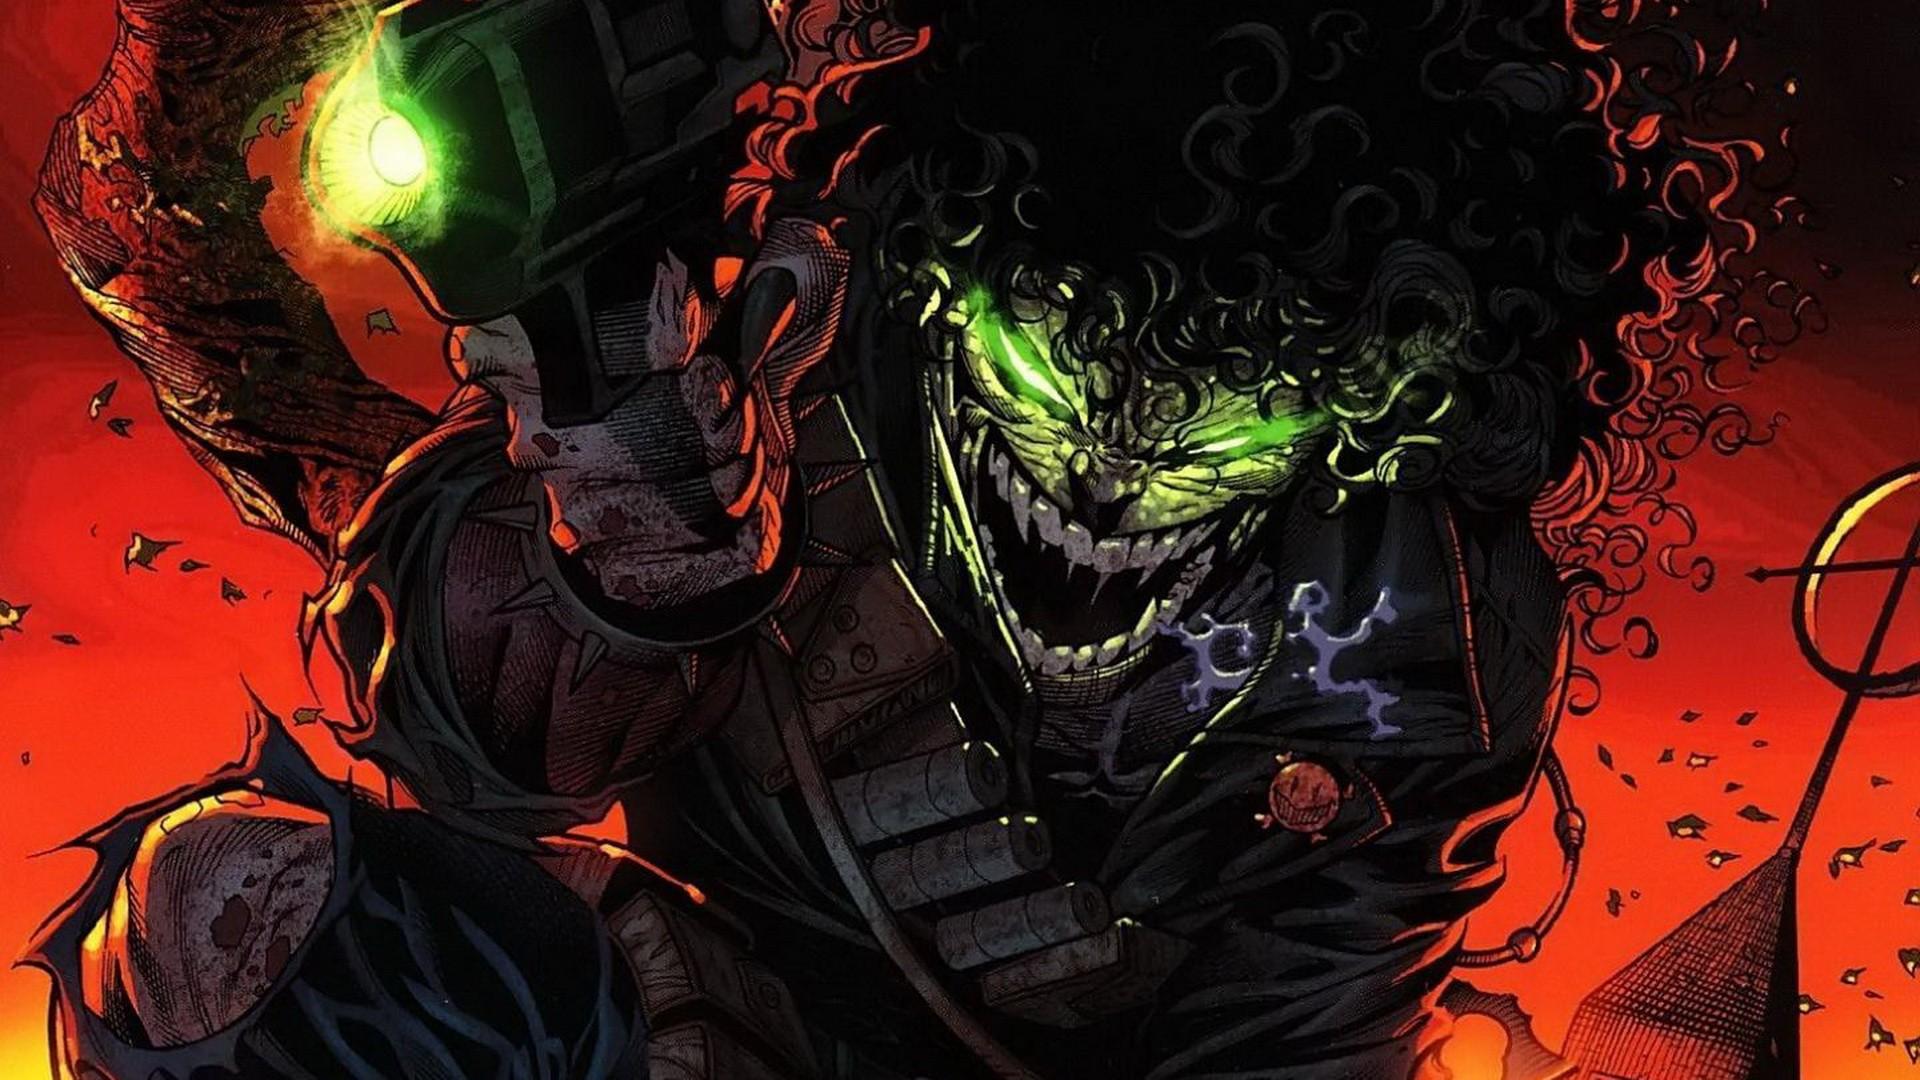 Hd wallpaper evil - Hd Wallpaper Evil 56